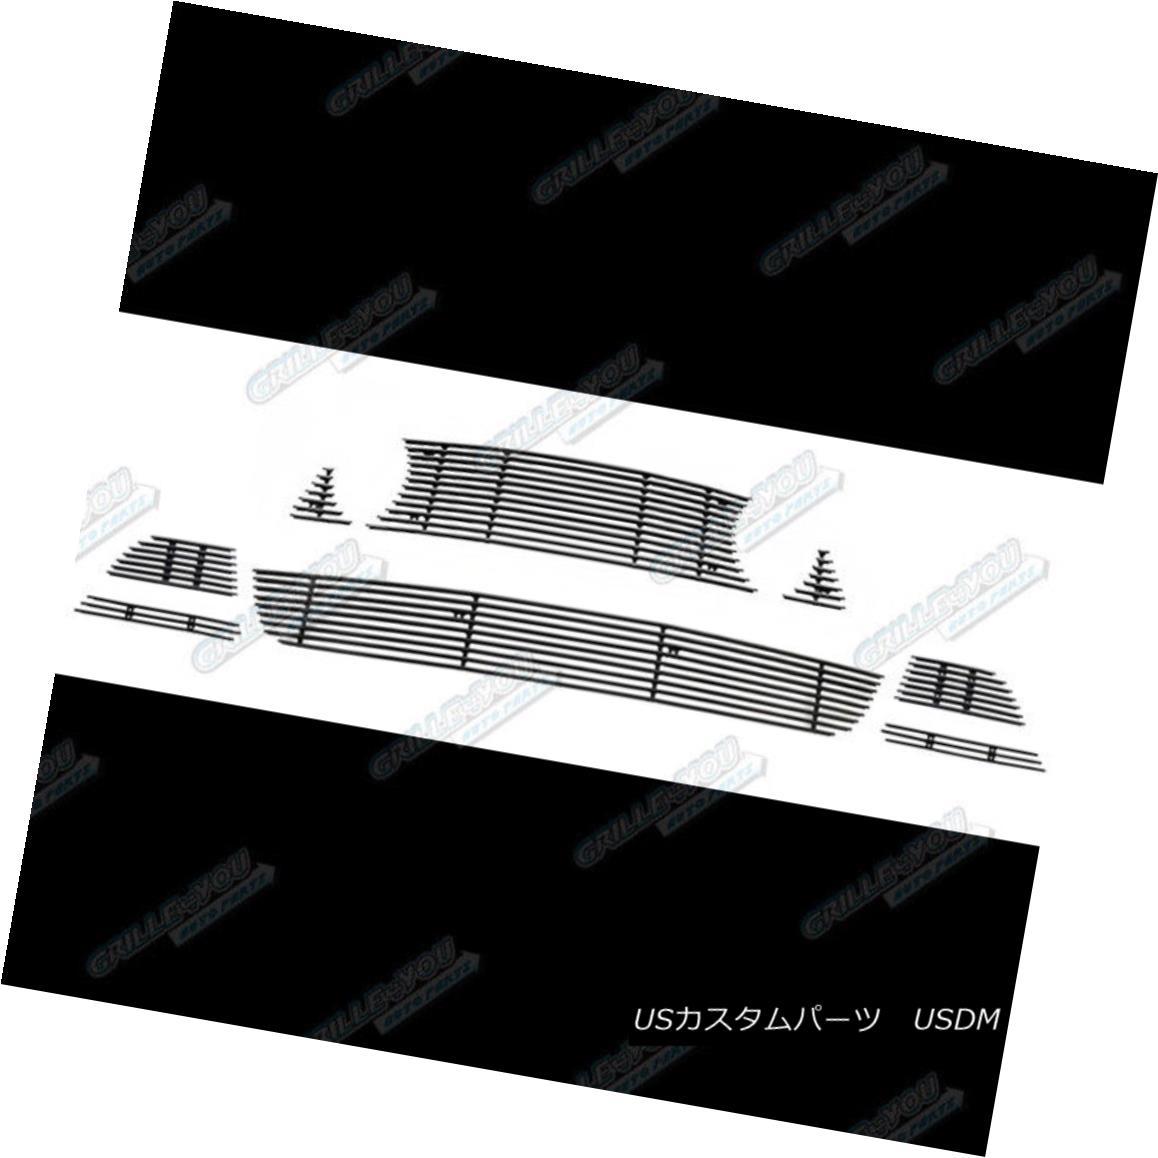 グリル Fits 2013-2014 Ford Mustang GT W/ Fog Cover Black Billet Grille Combo 2013-2014 Ford Mustang GT W /フォグカバーブラックビレットグリルコンボ